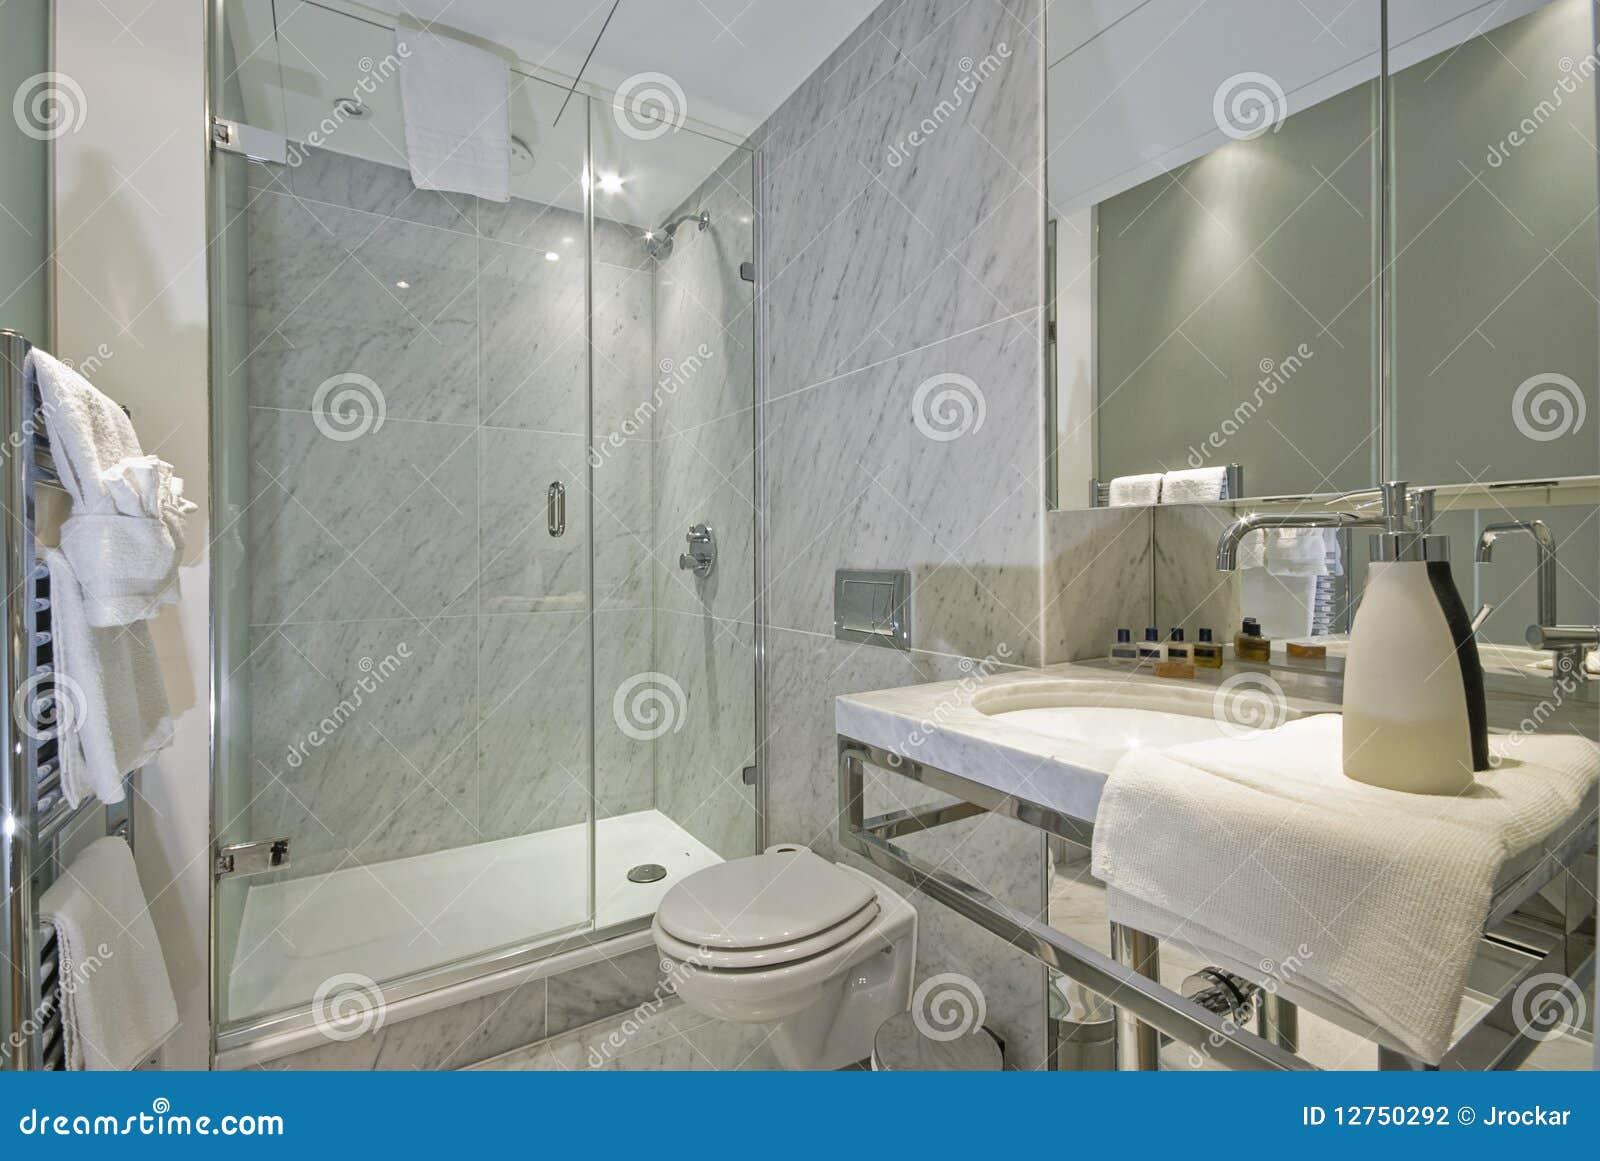 Salle de bains de marbre